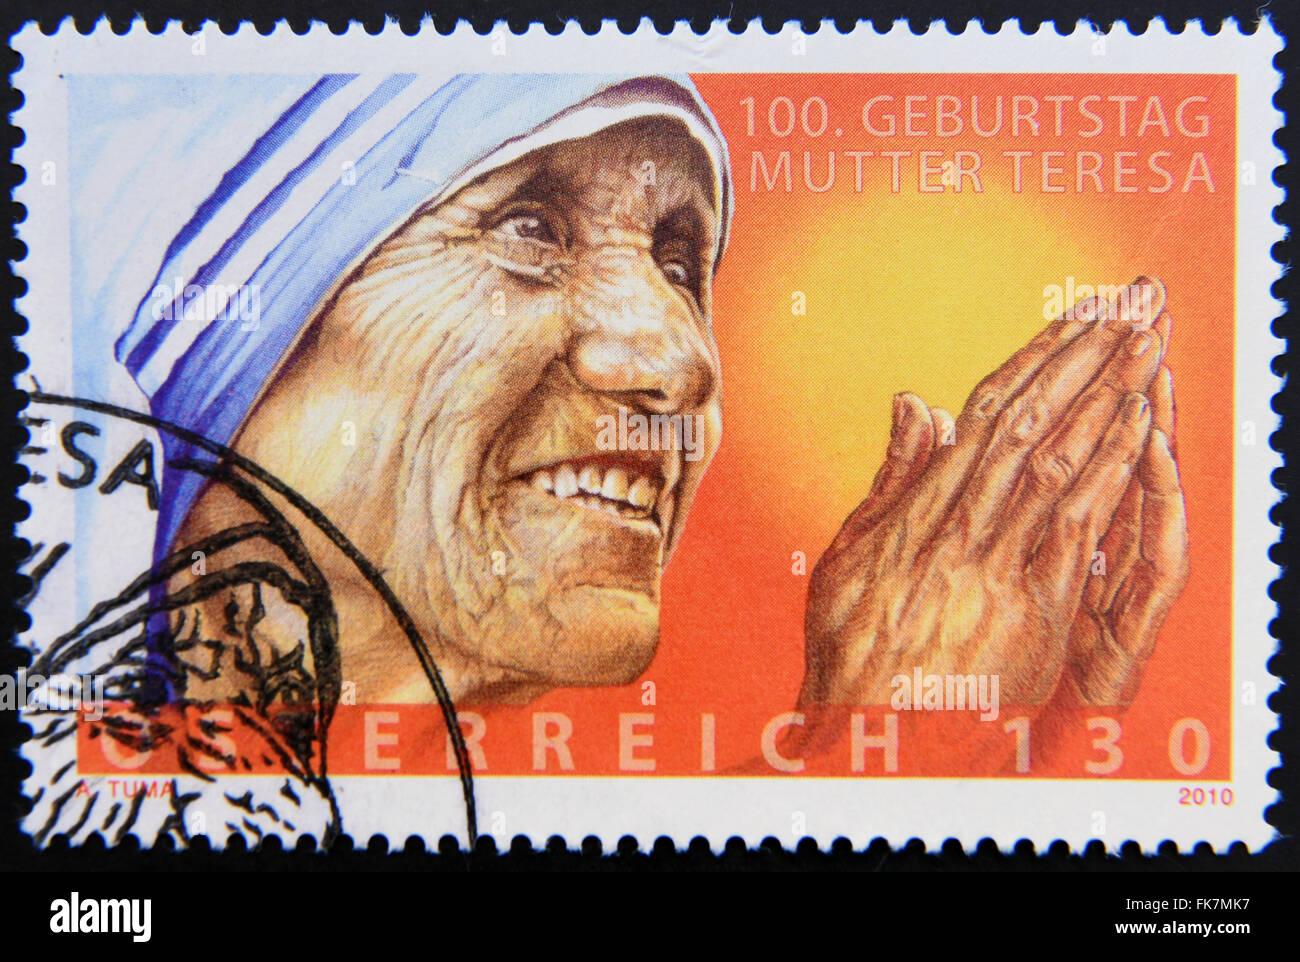 Autriche - circa 2010: timbre imprimé en Autriche montrant une image de mère Teresa, vers 2010. Banque D'Images